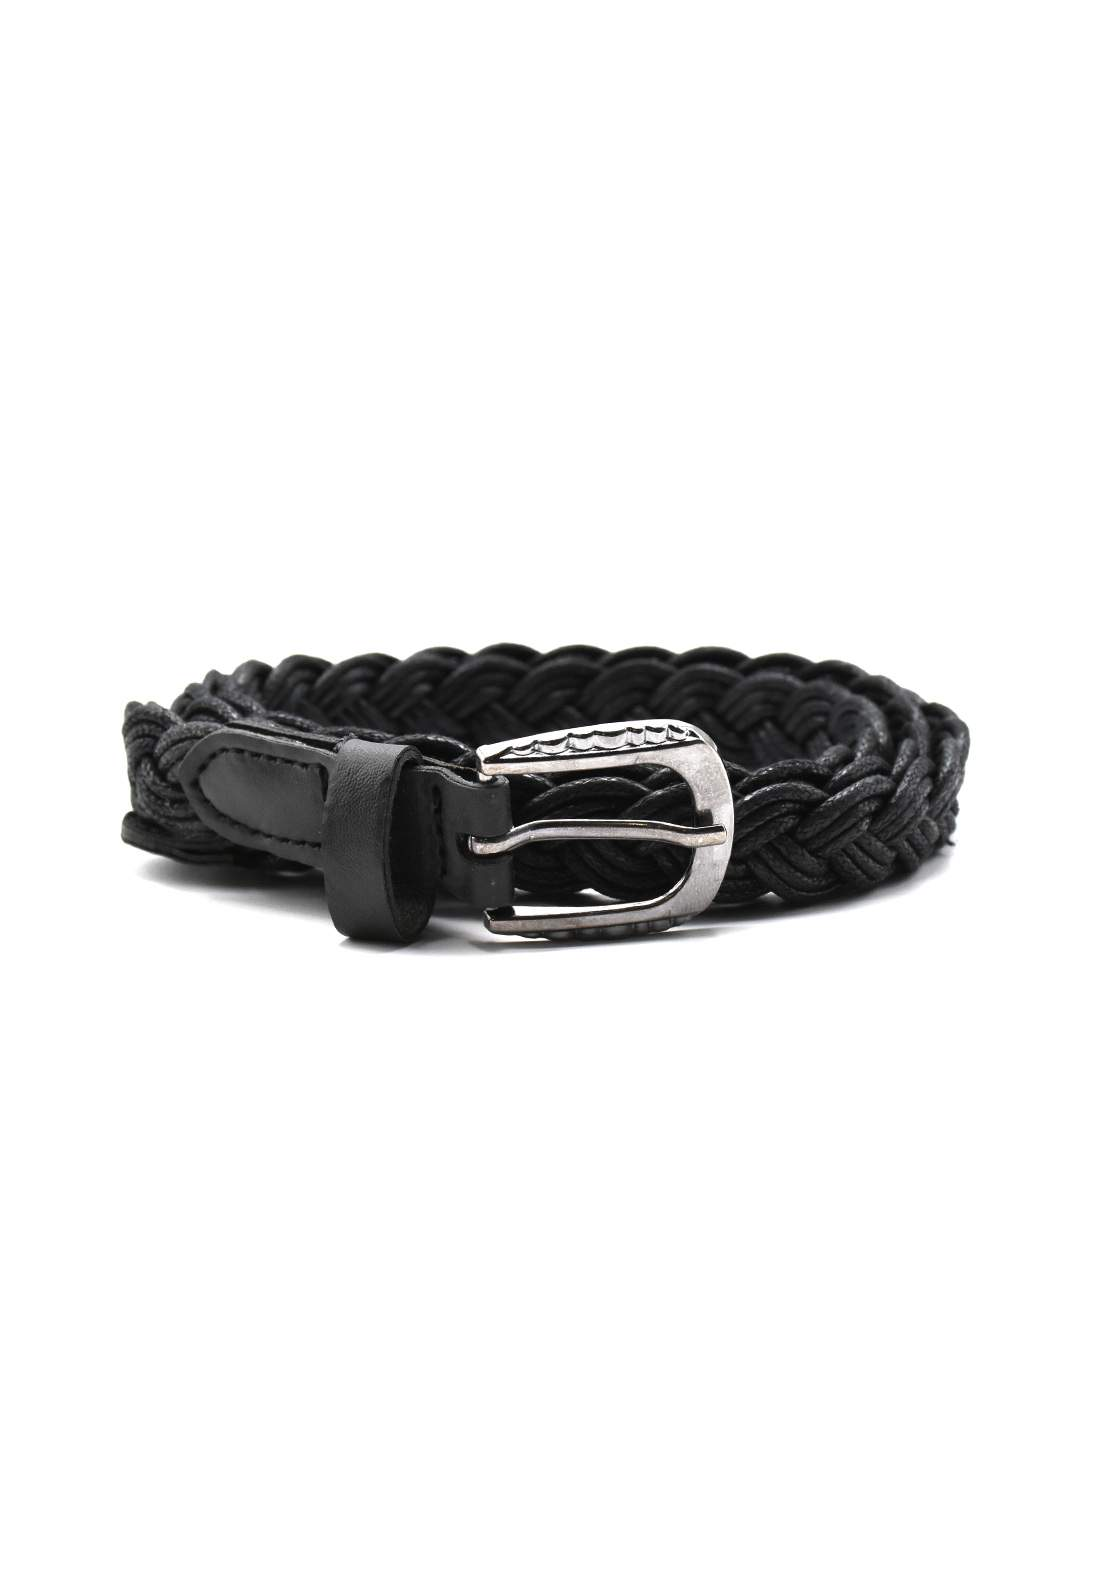 حزام نسائي جلد أسود اللون بأبزيم فضي